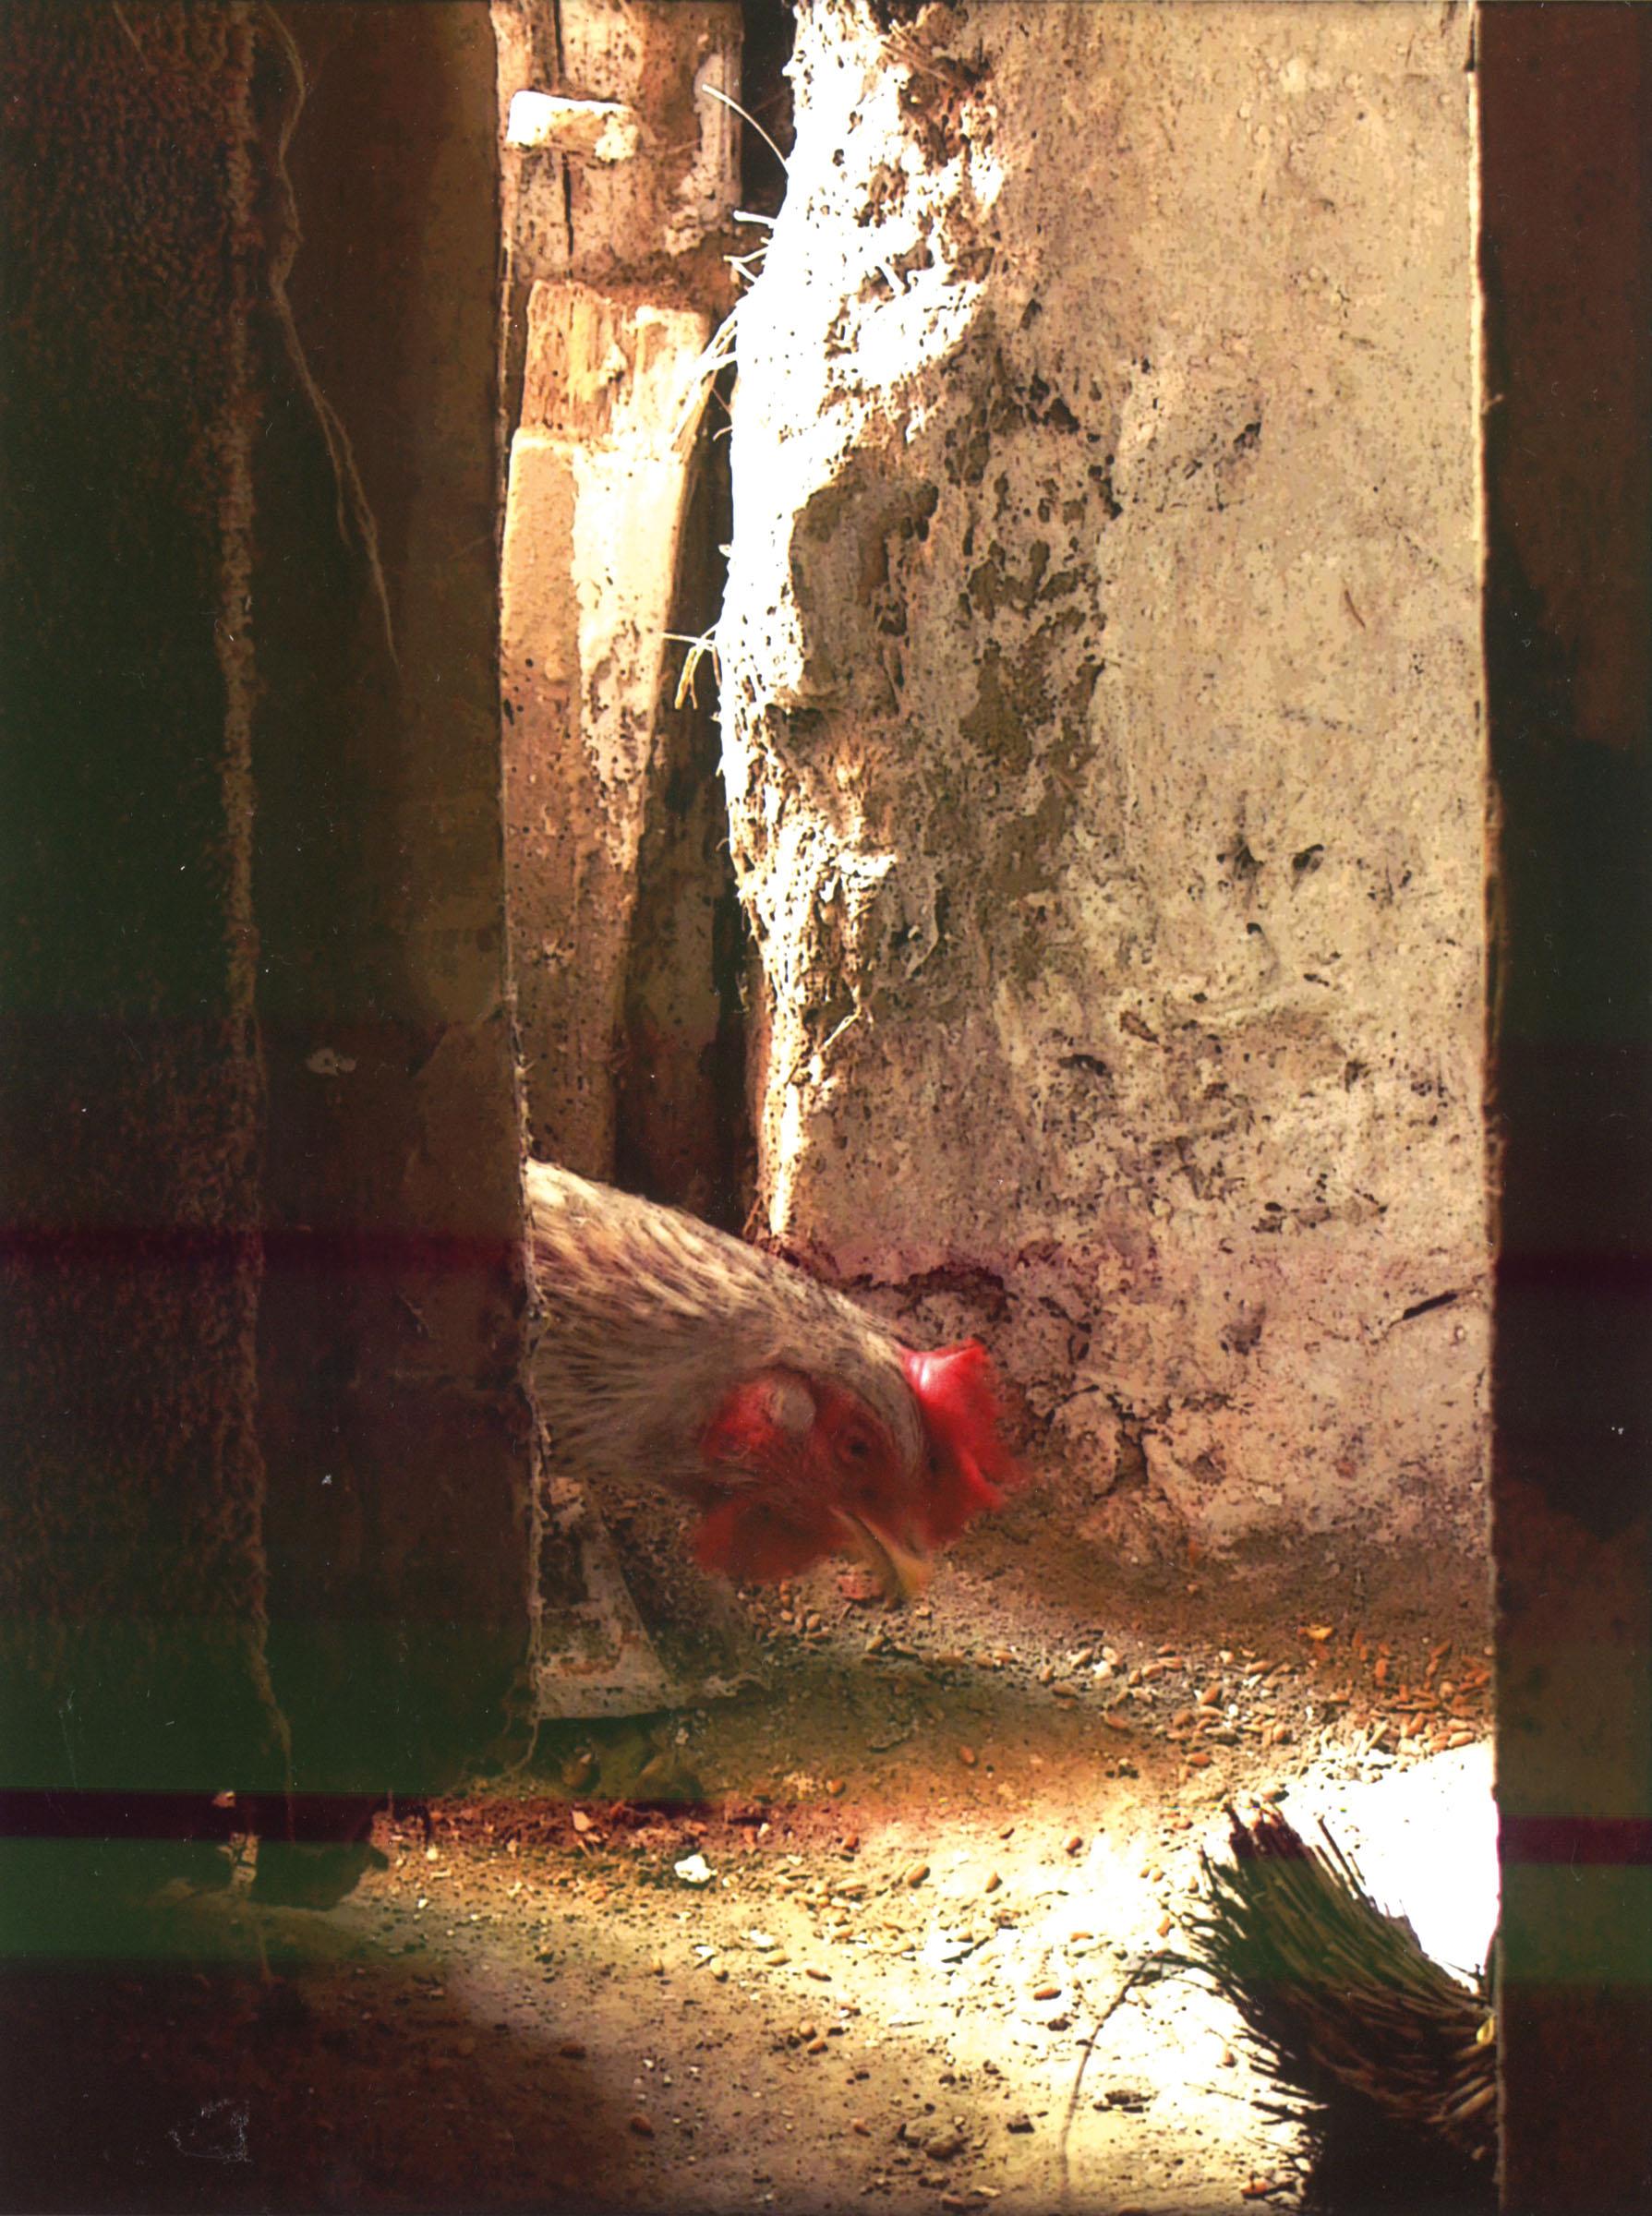 2004.09.18. Hétköznapok fotópályázat - Szita László - Magevő.jpg